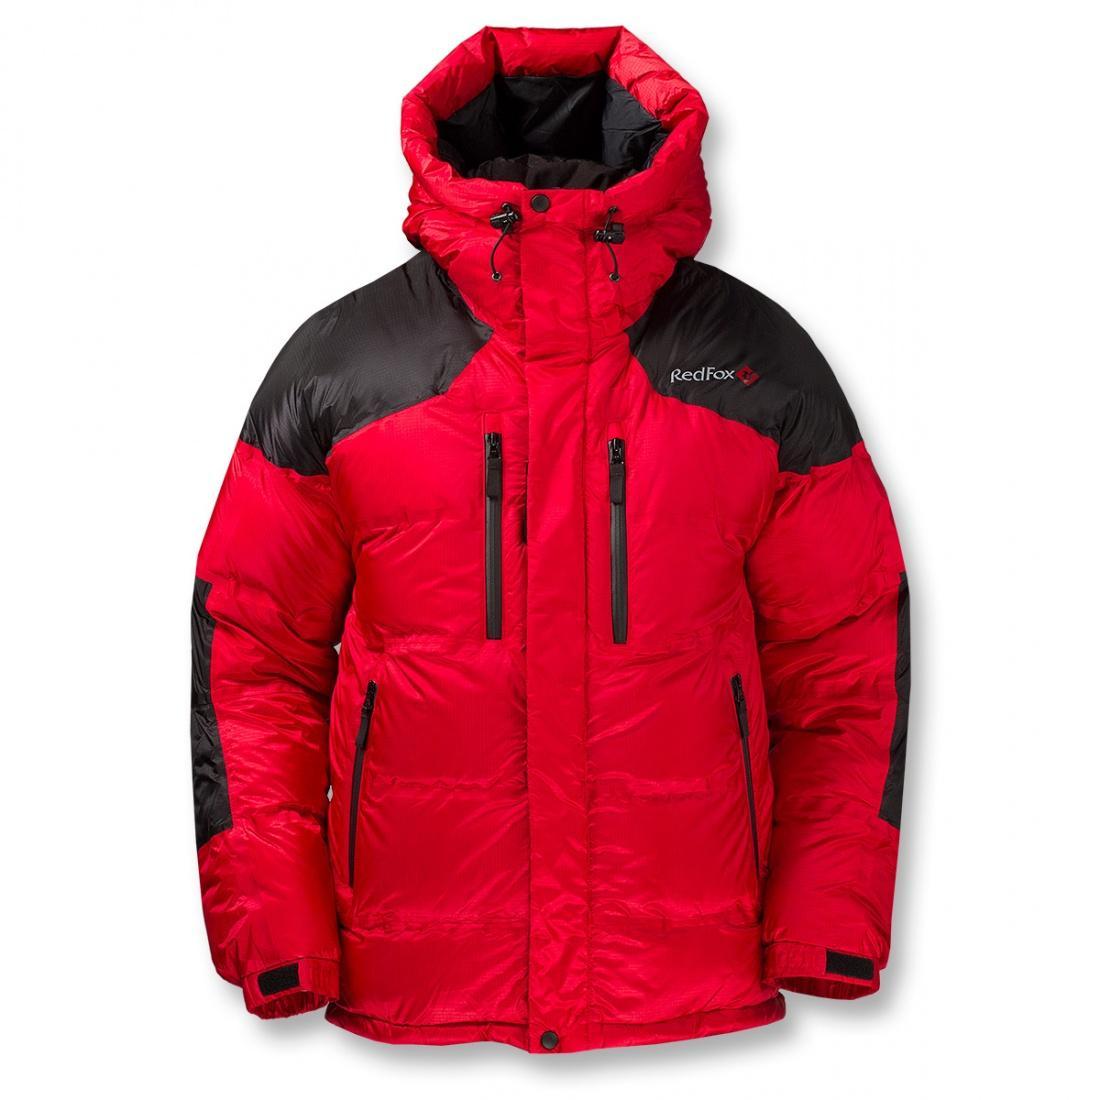 Куртка пуховая Extreme IIКуртки<br>Куртка из мембранных материалов для экстремальных условий. <br><br><br>Материал: Dry Factor 10000<br> <br>Подкладка: Nylon DP<br>Утеплитель: гусиный пух F.P.800+<br>Вес: 1200гр<br>Концепция Expedition Fit&lt;/l...<br><br>Цвет: Красный<br>Размер: 60